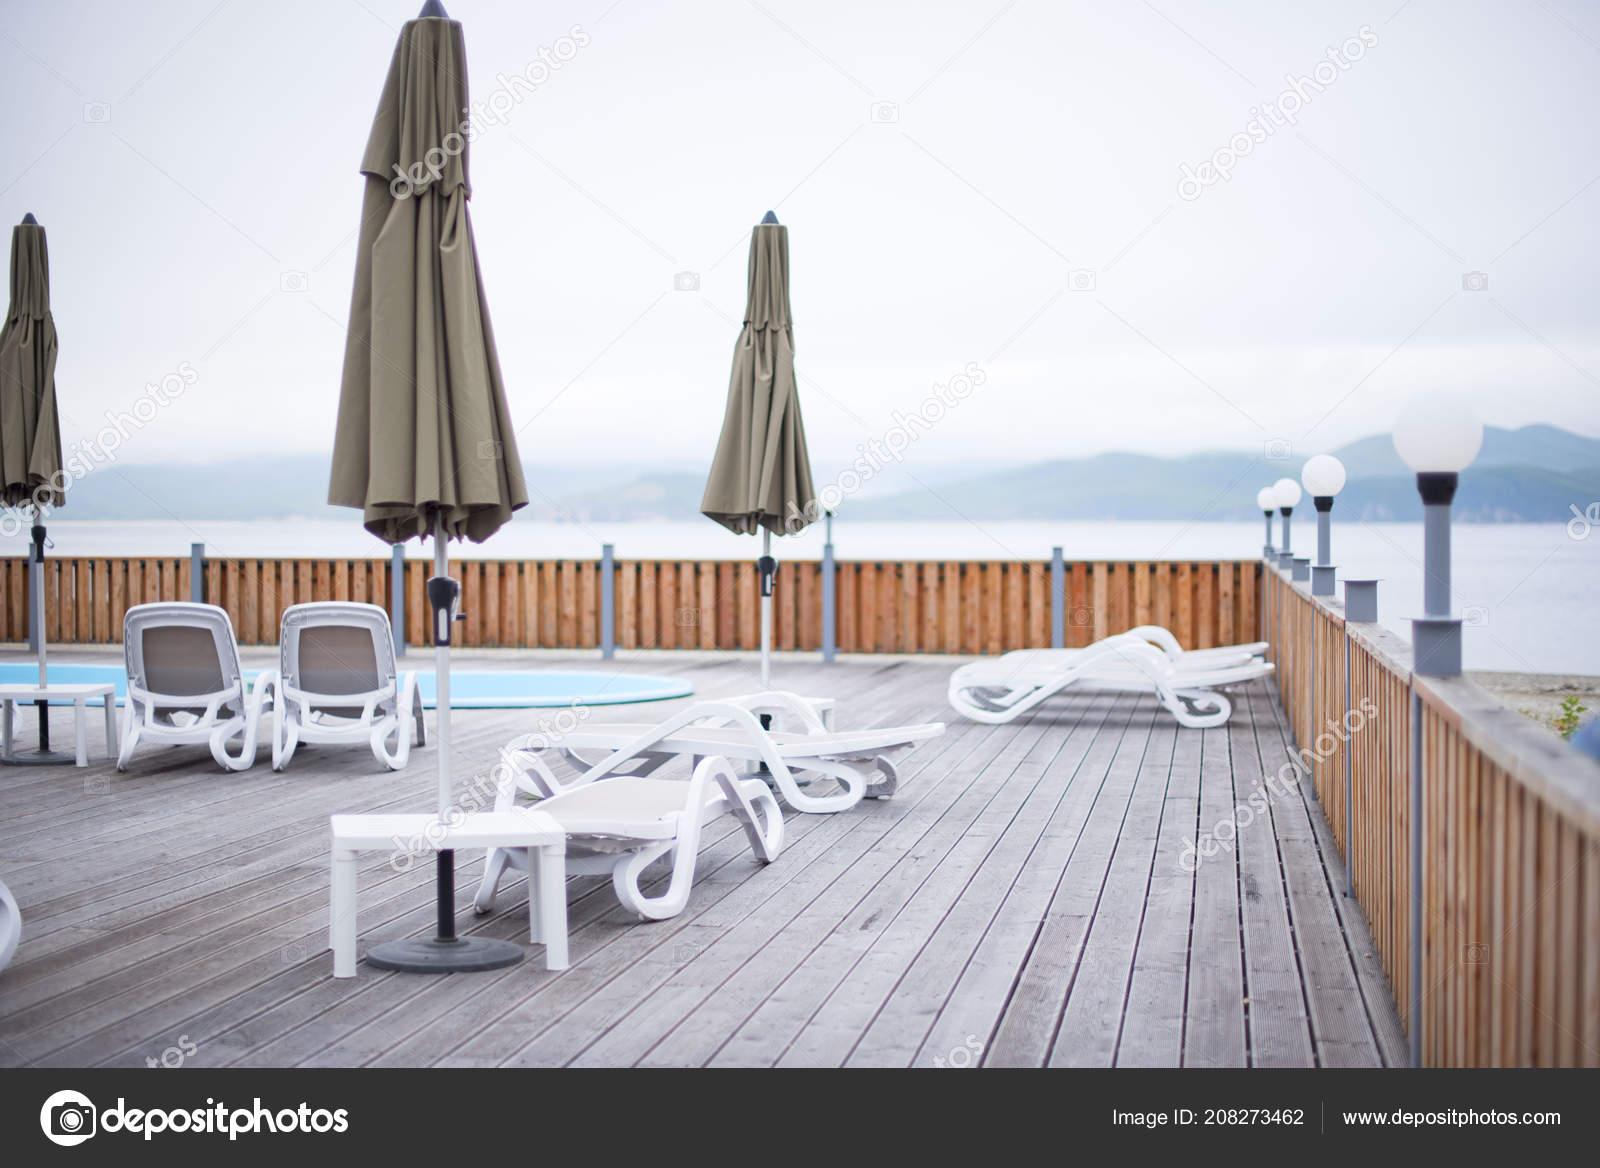 Deck Madera Playa Mar Ocean Resort Sol Tumbona Paraguas